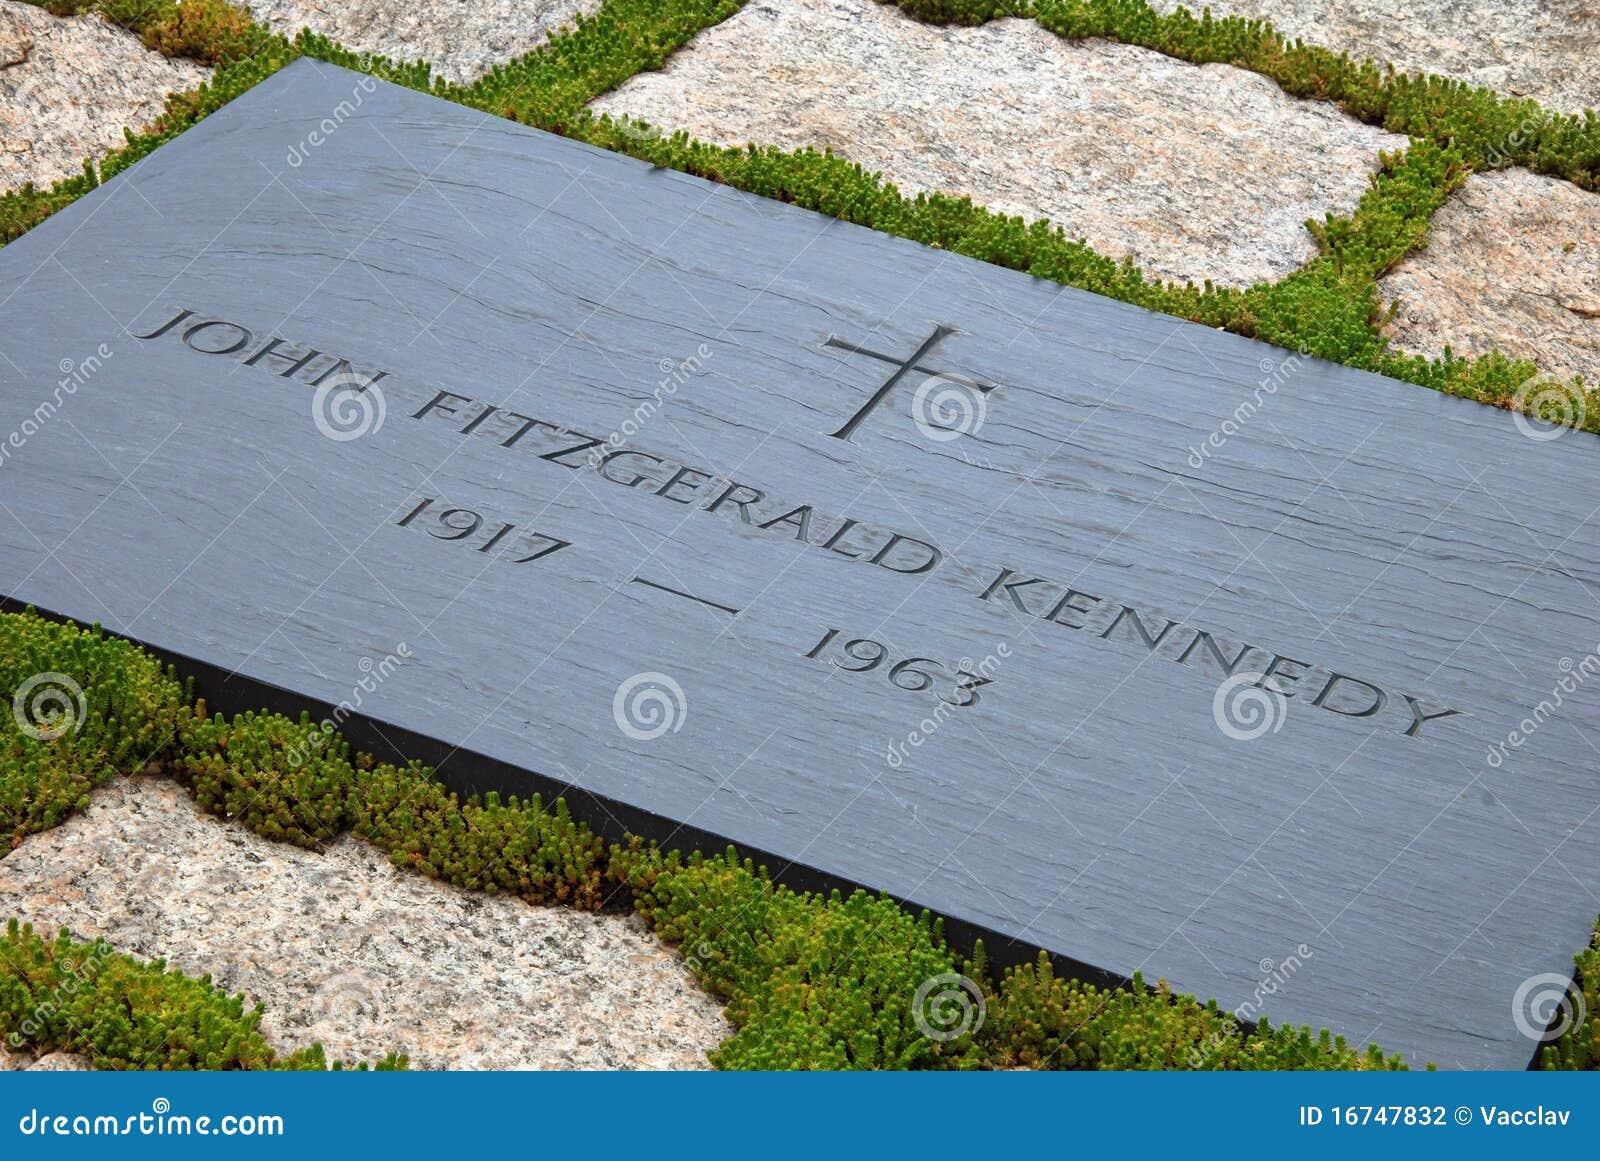 Grabstein Von Jfk Auf Arlington Nationalem Kirchhof Redaktionelles